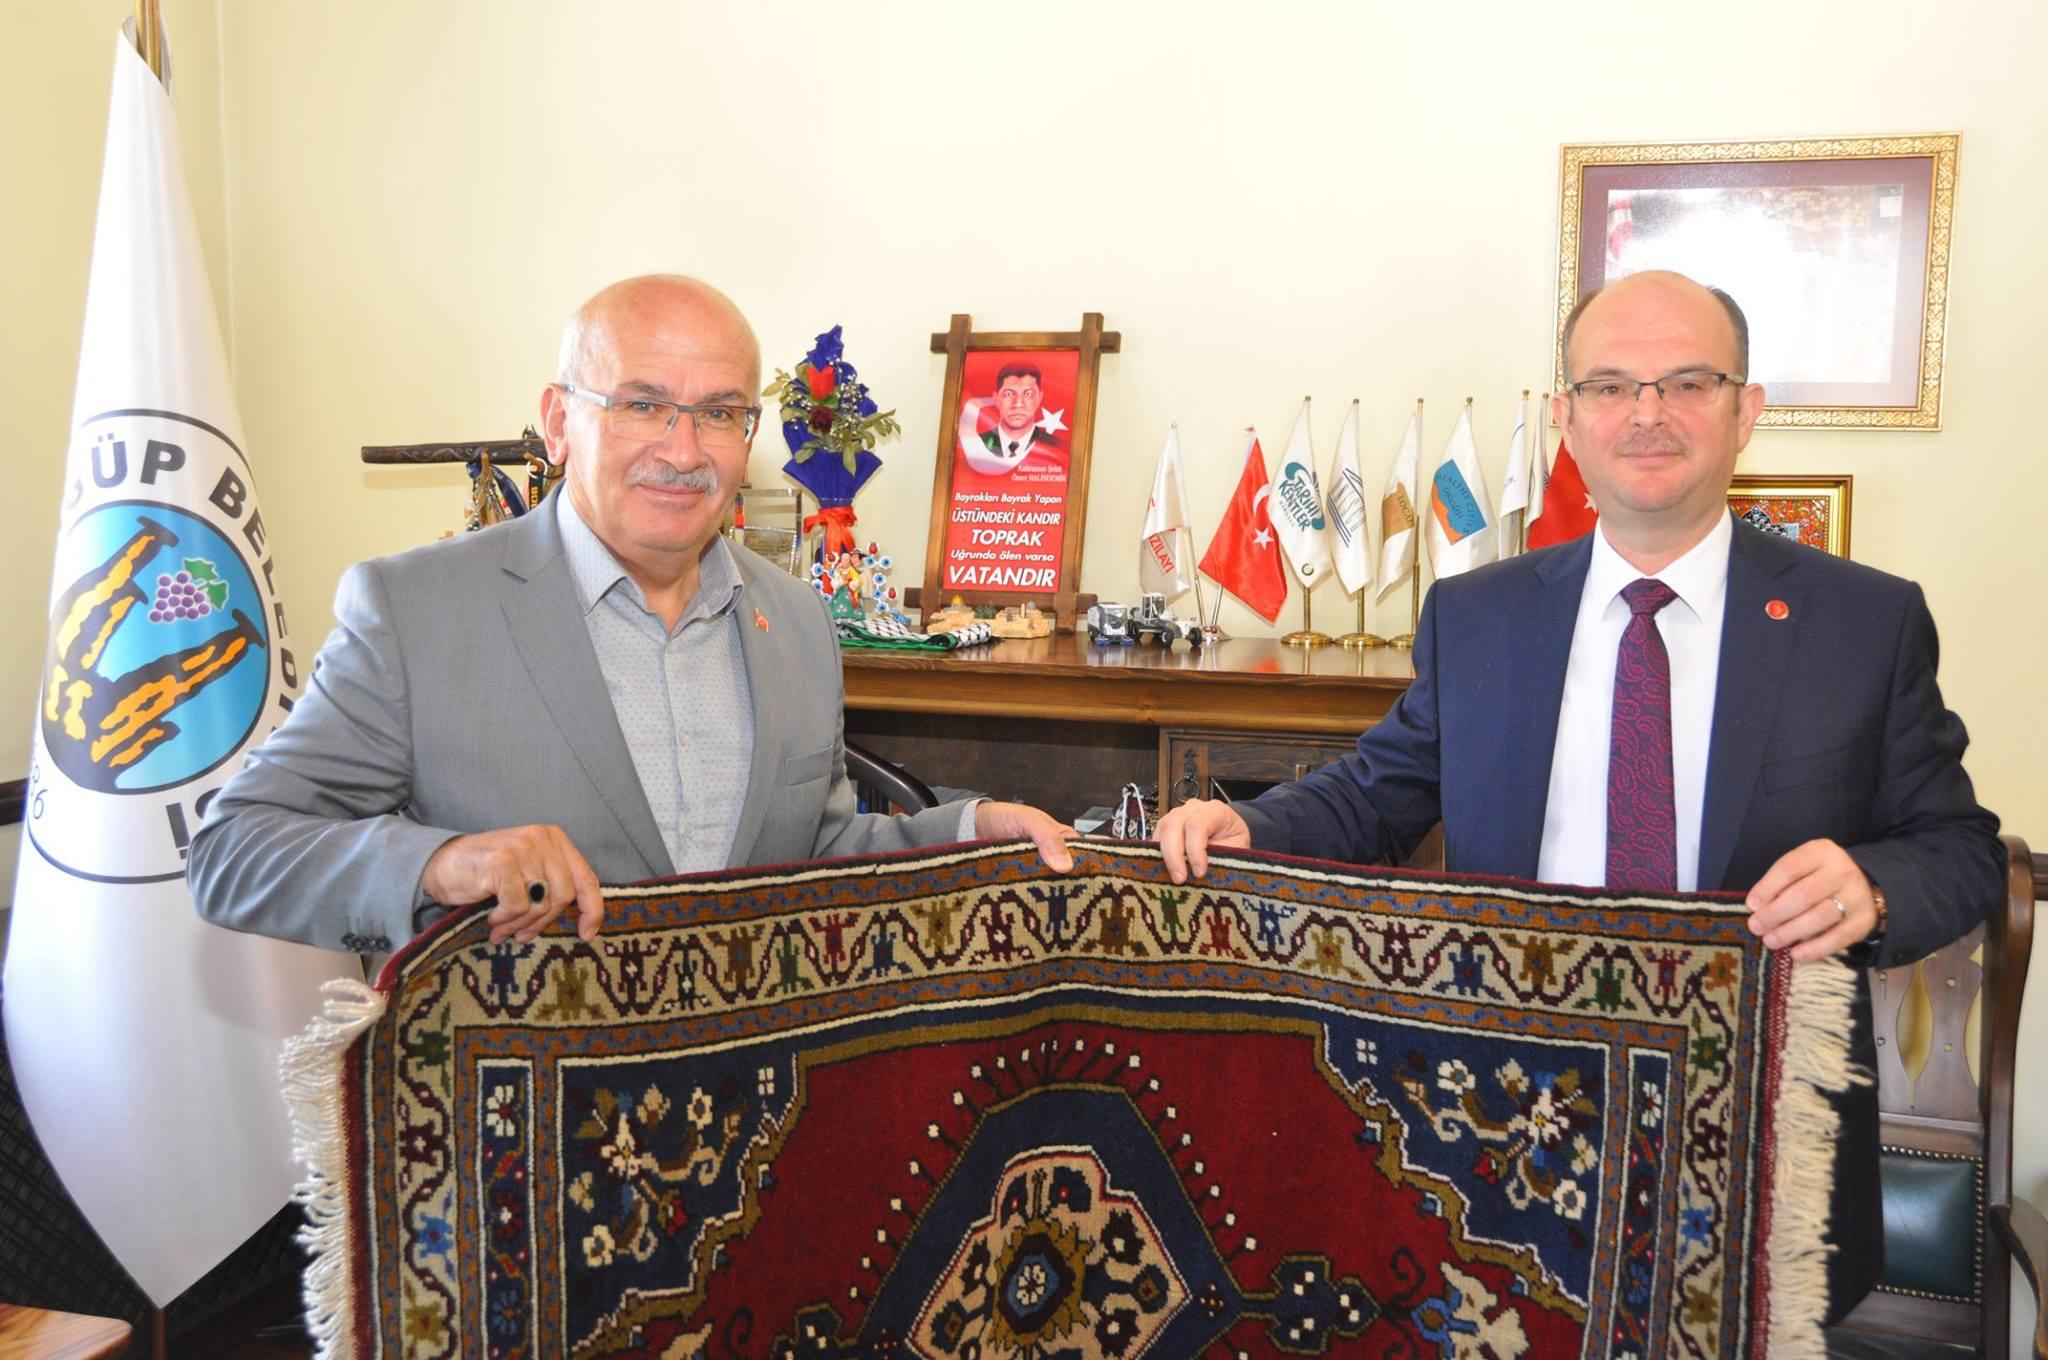 Aksalurlu Rektörden Başkan Yıldız'a ziyaret